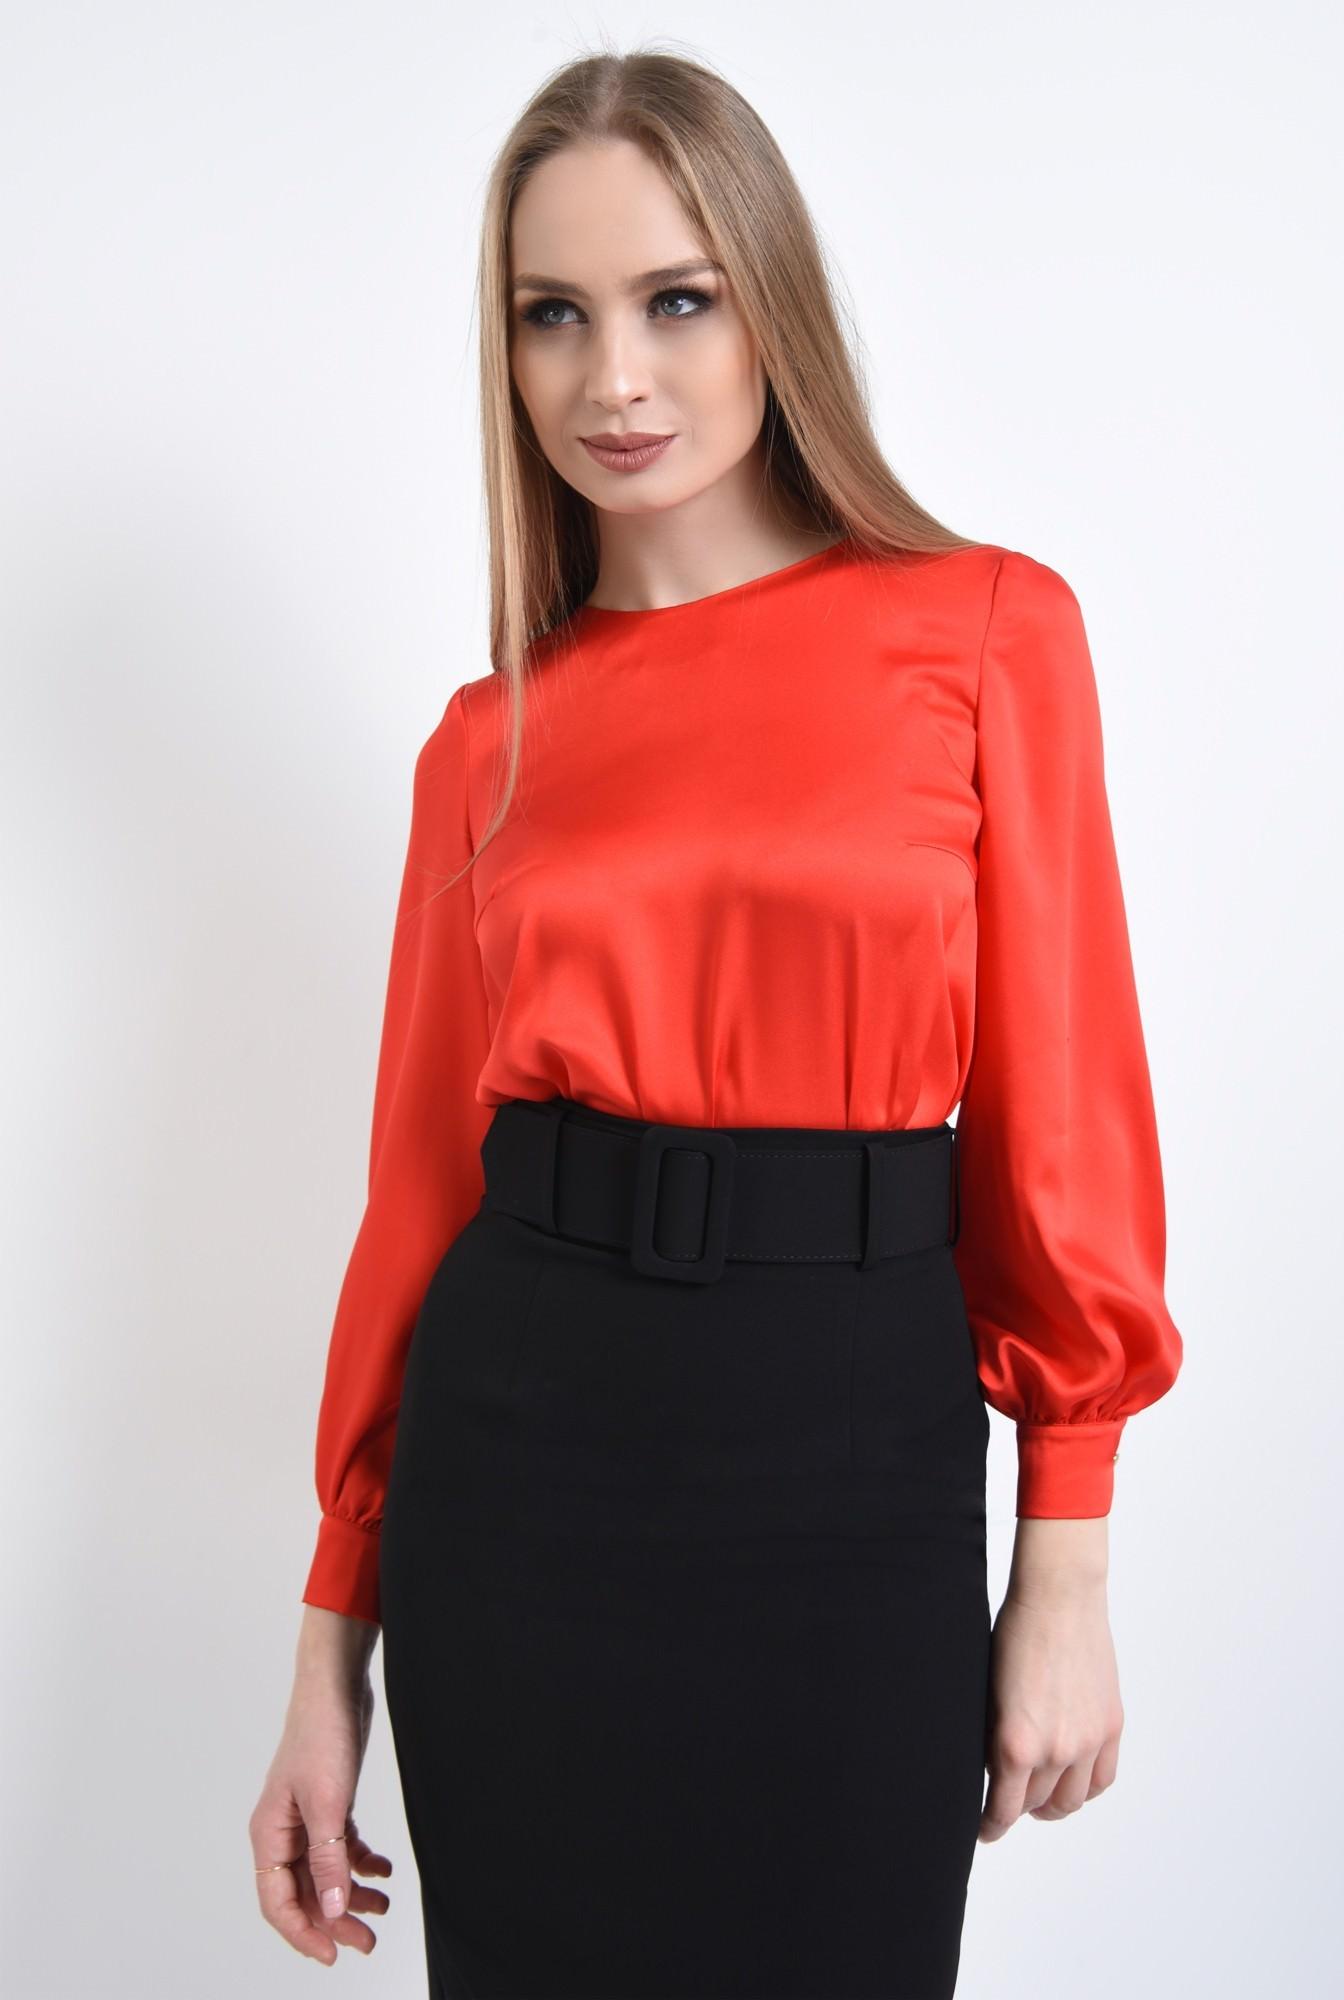 2 - Bluza eleganta, rosu, satin